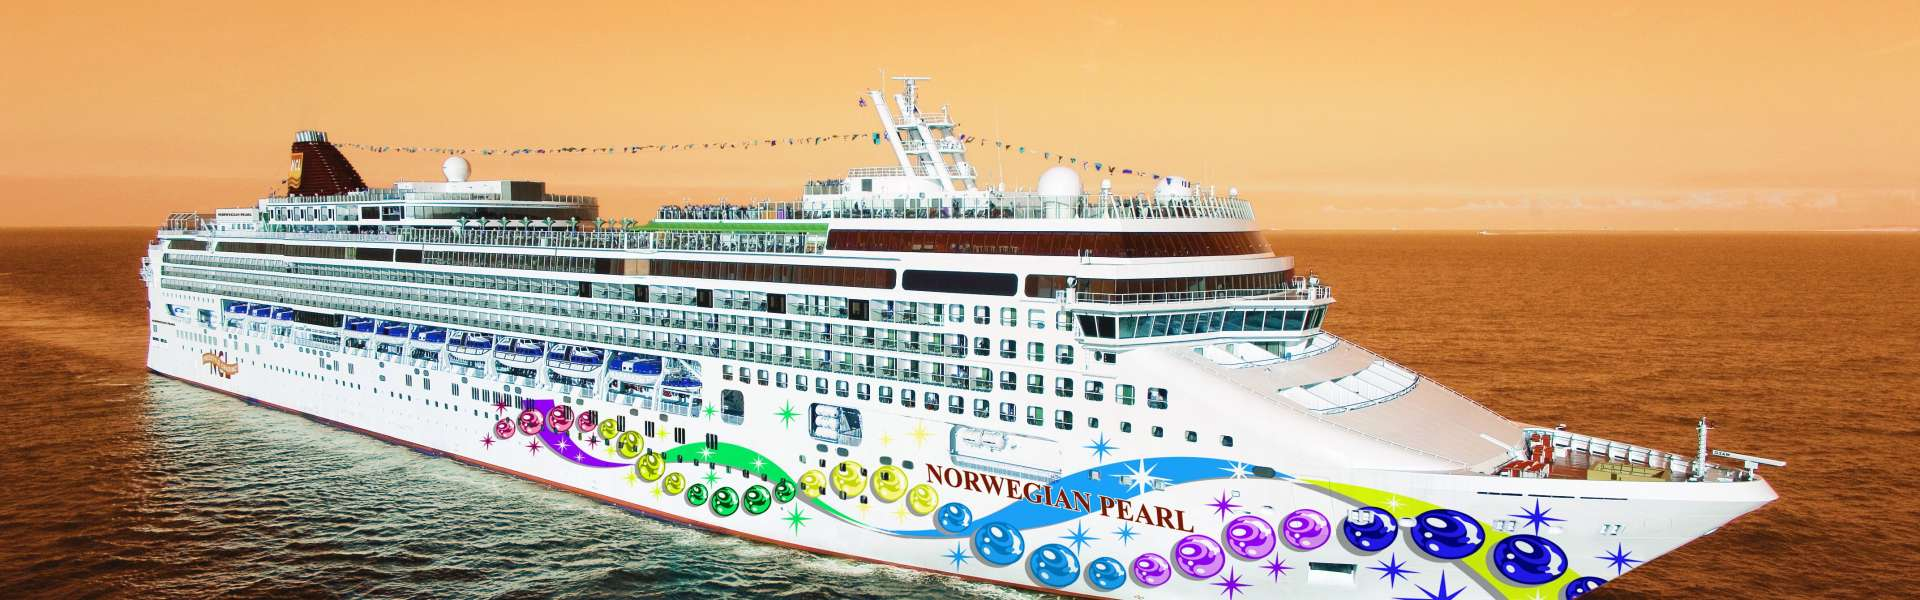 Croaziera 2019 - Scandinavia & Fiordurile Norvegiene (Amsterdam) - Norwegian Cruise Line - Norwegian Pearl - 14 nopti